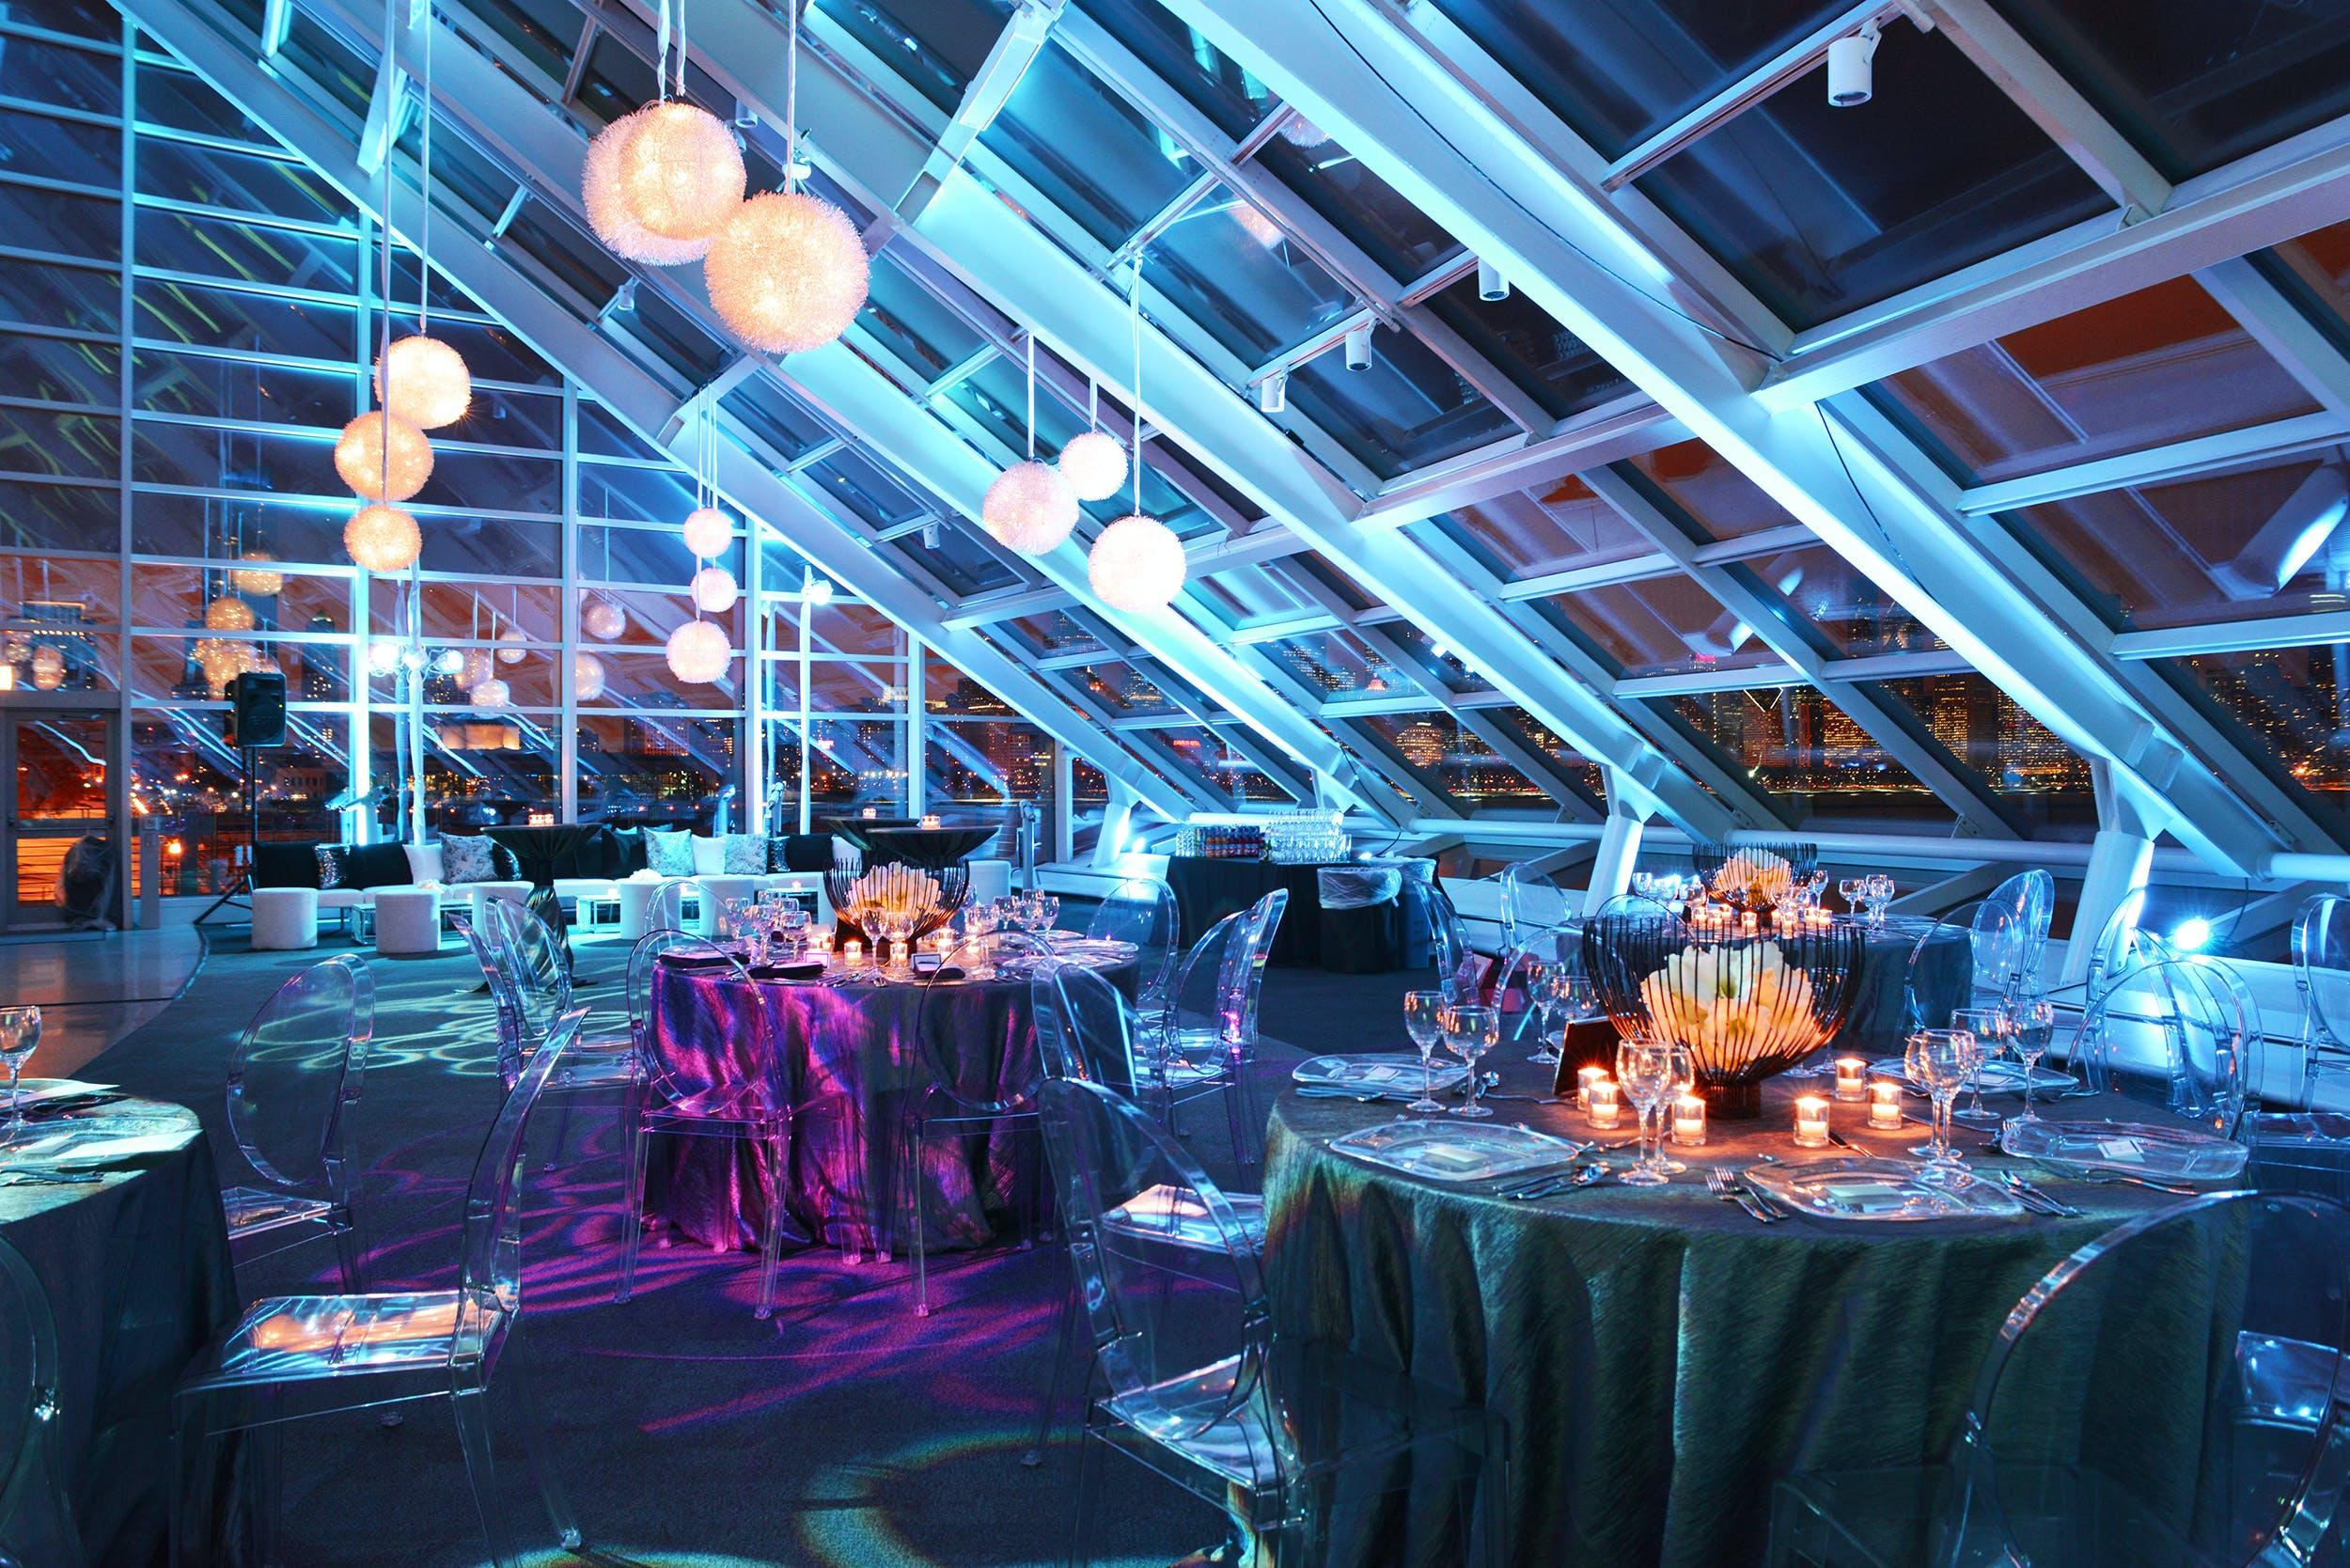 Adler Planetarium Wedding.Adler Planetarium Chicago Venue 950 Photos On Partyslate